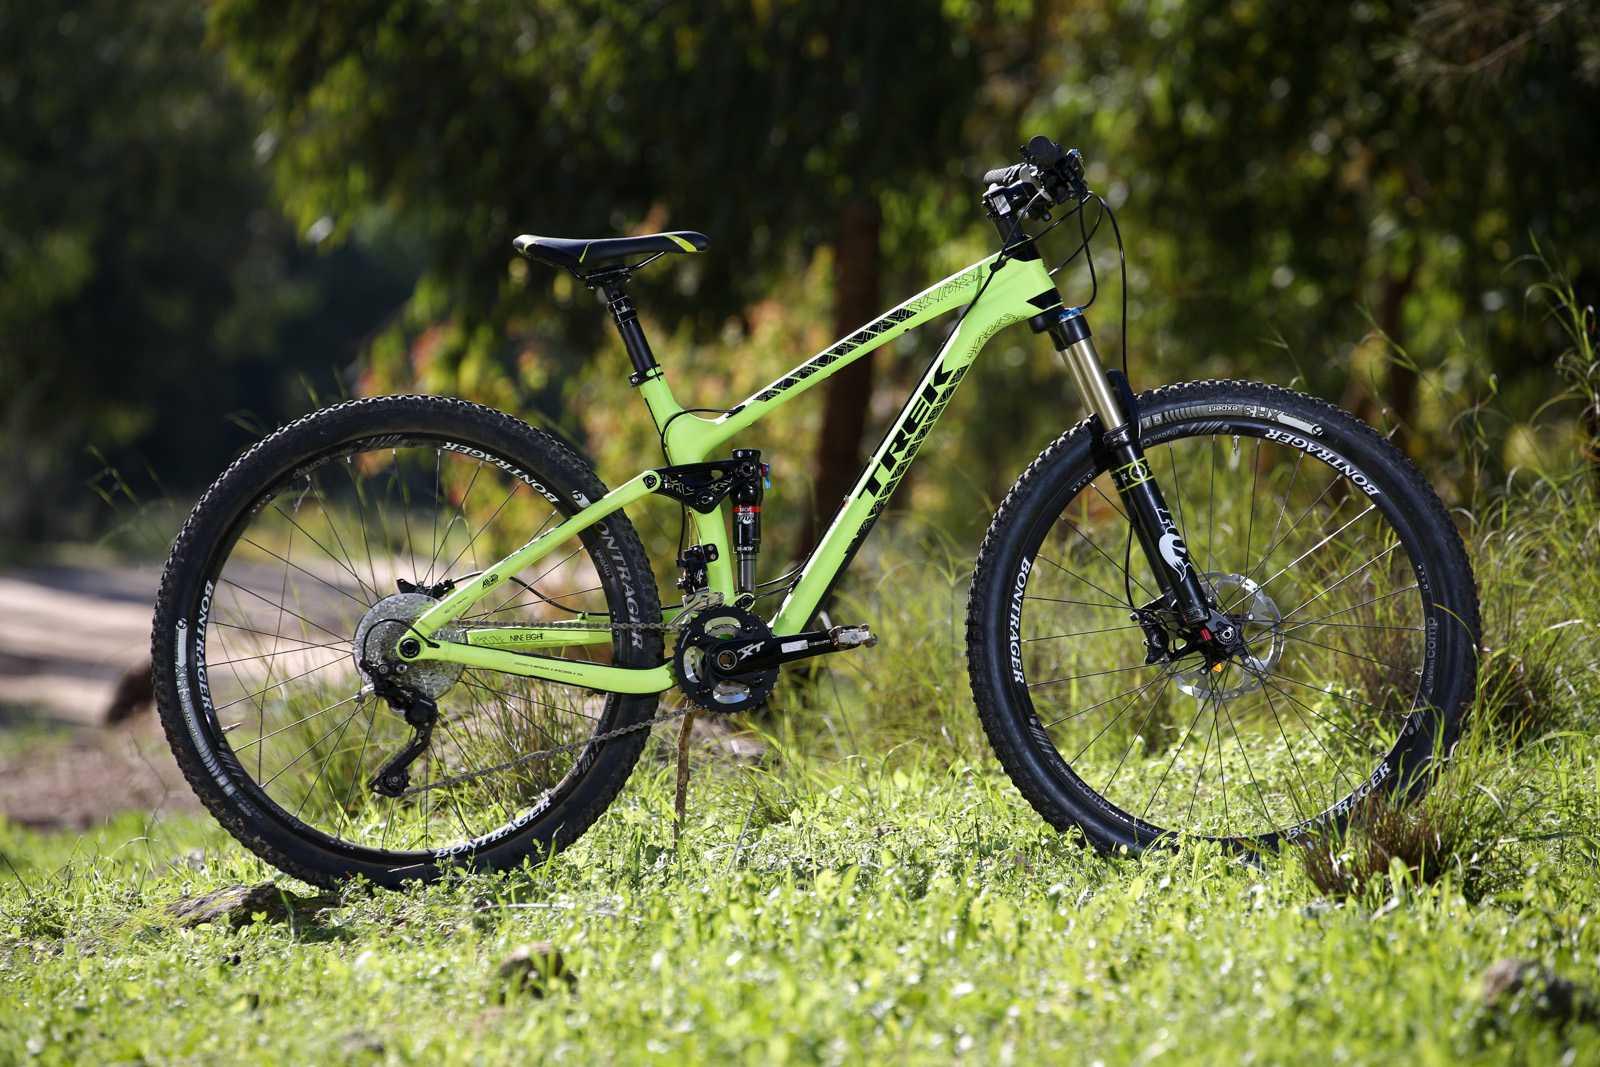 מבחן אופניים Trek Fuel EX 9.8 בהחלט אופני ההרים הטובים יותר שיש היום בשוק. המחיר לא קל 25,200 שקלים. צילום: תומר פדר